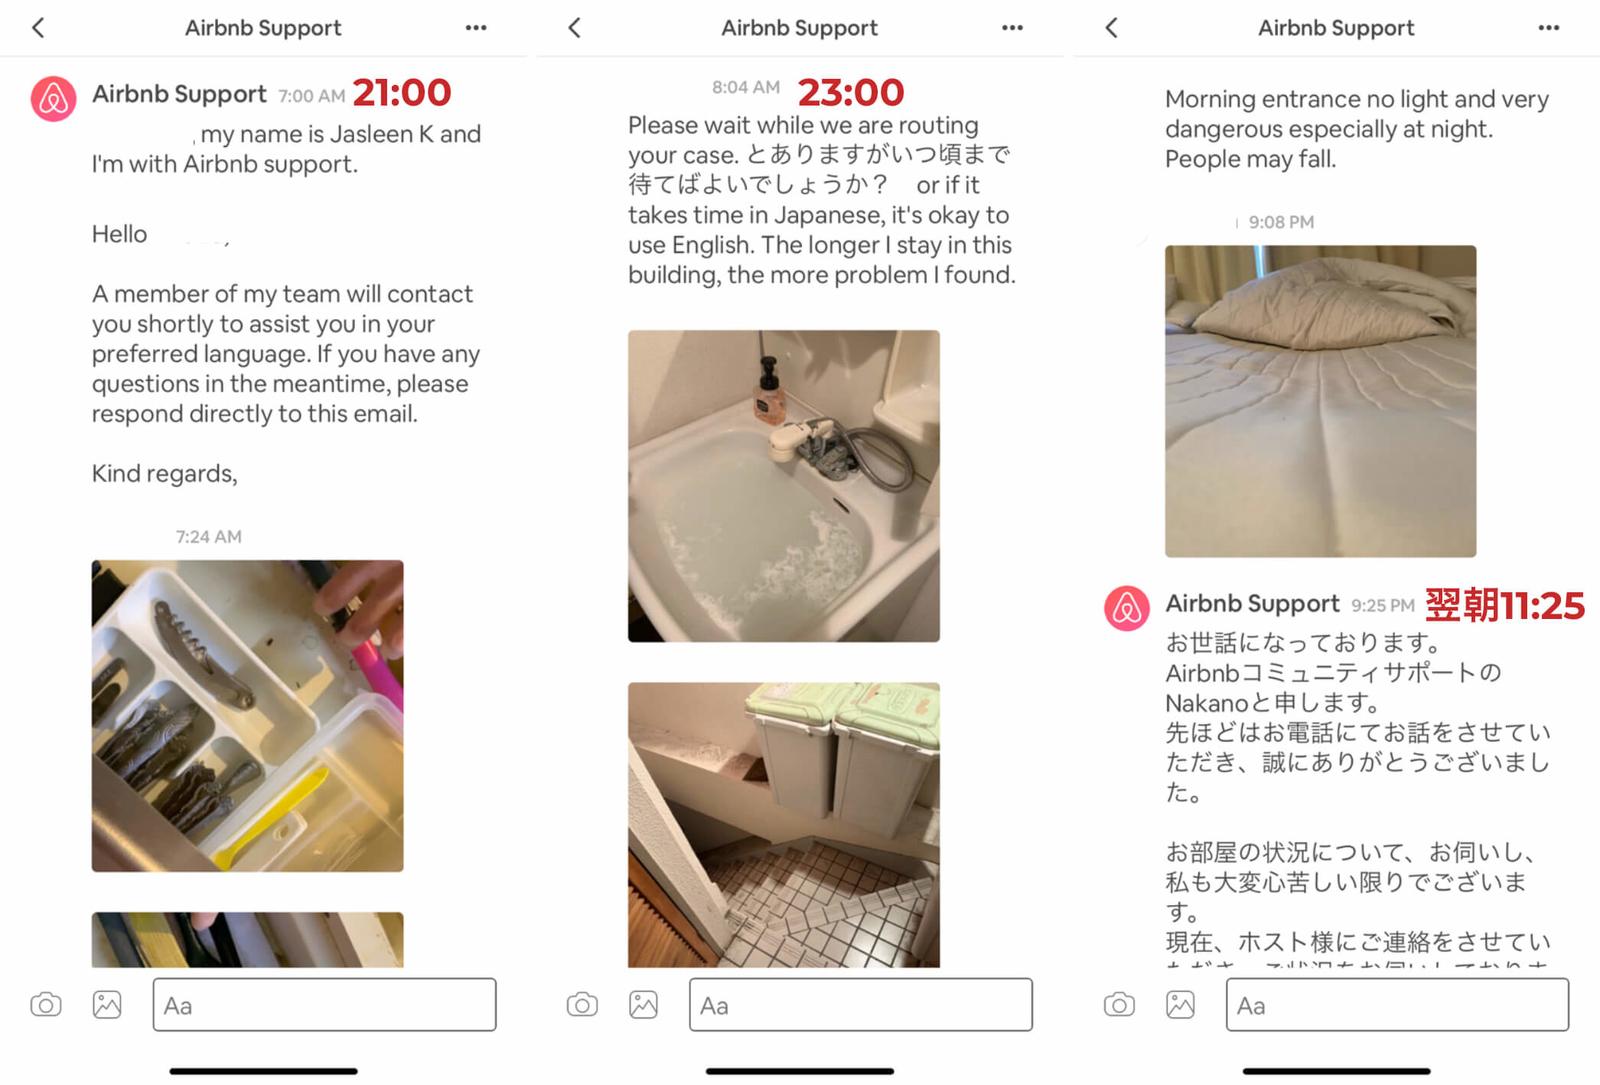 Airbnbサポートとのやりとり。見事にスルーされて一夜無駄に過ごす事に。